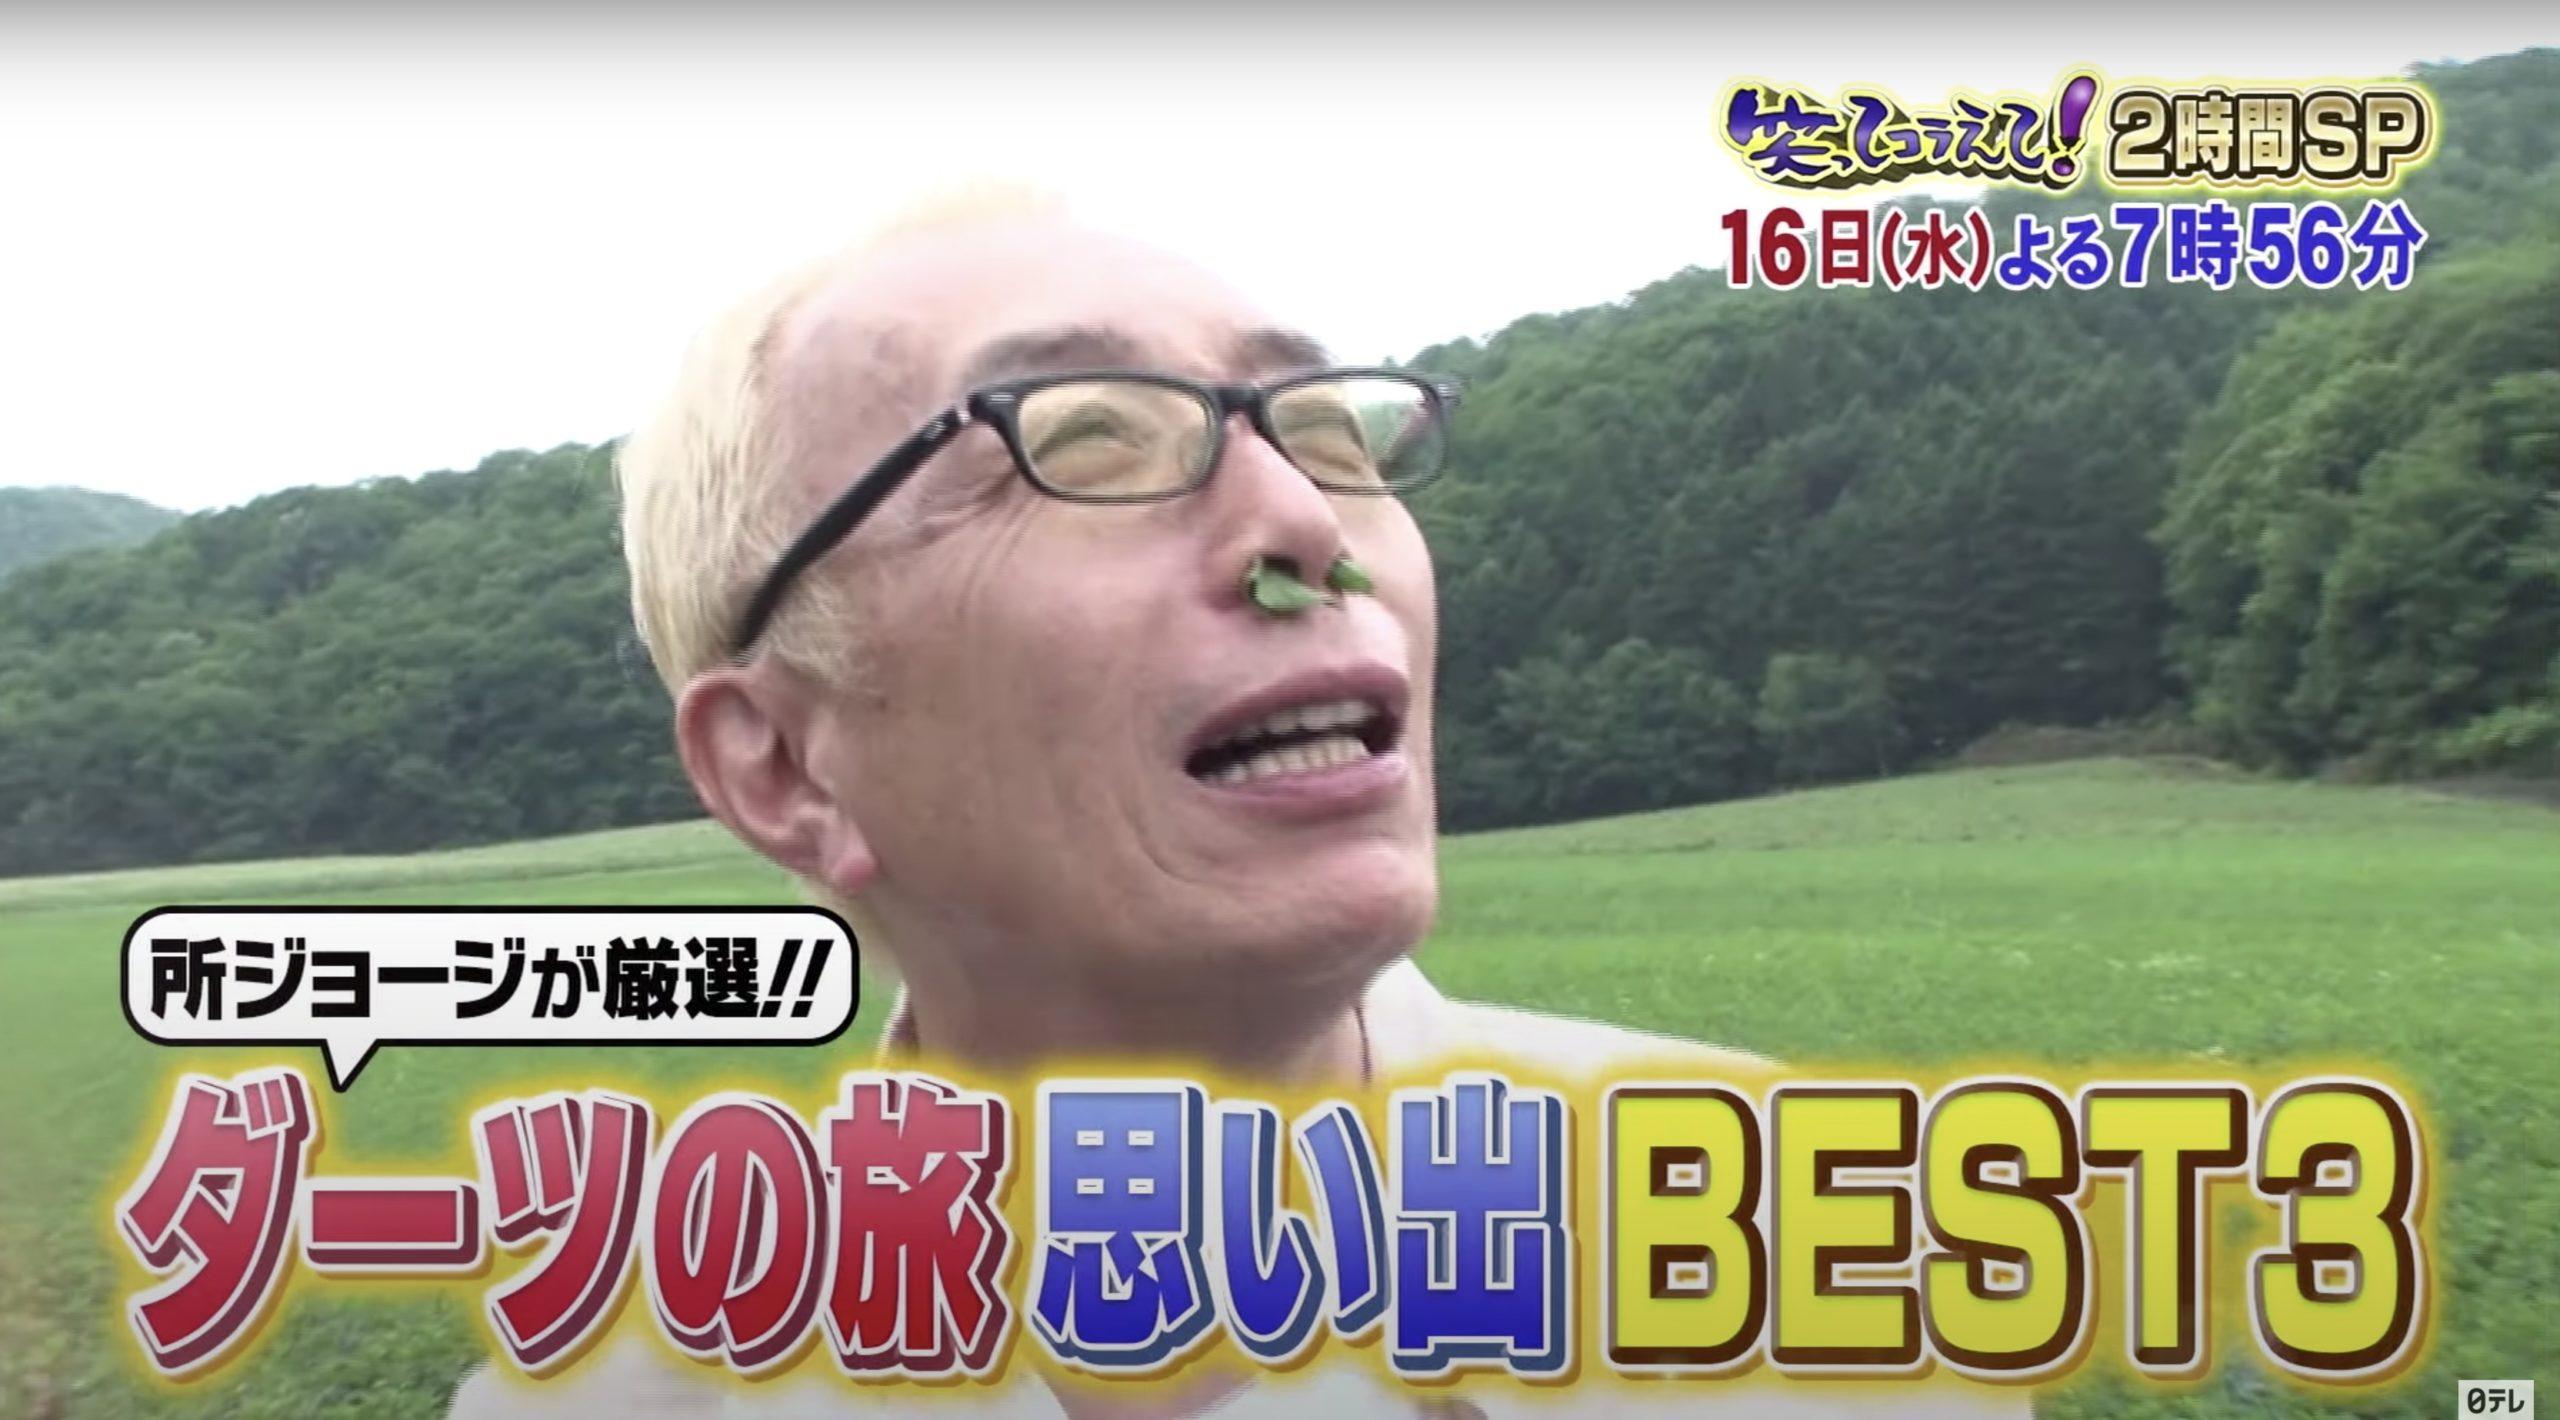 笑ってコラえて!SP(平野紫耀)9月16日放送の無料動画や見逃し配信をフル視聴する方法!